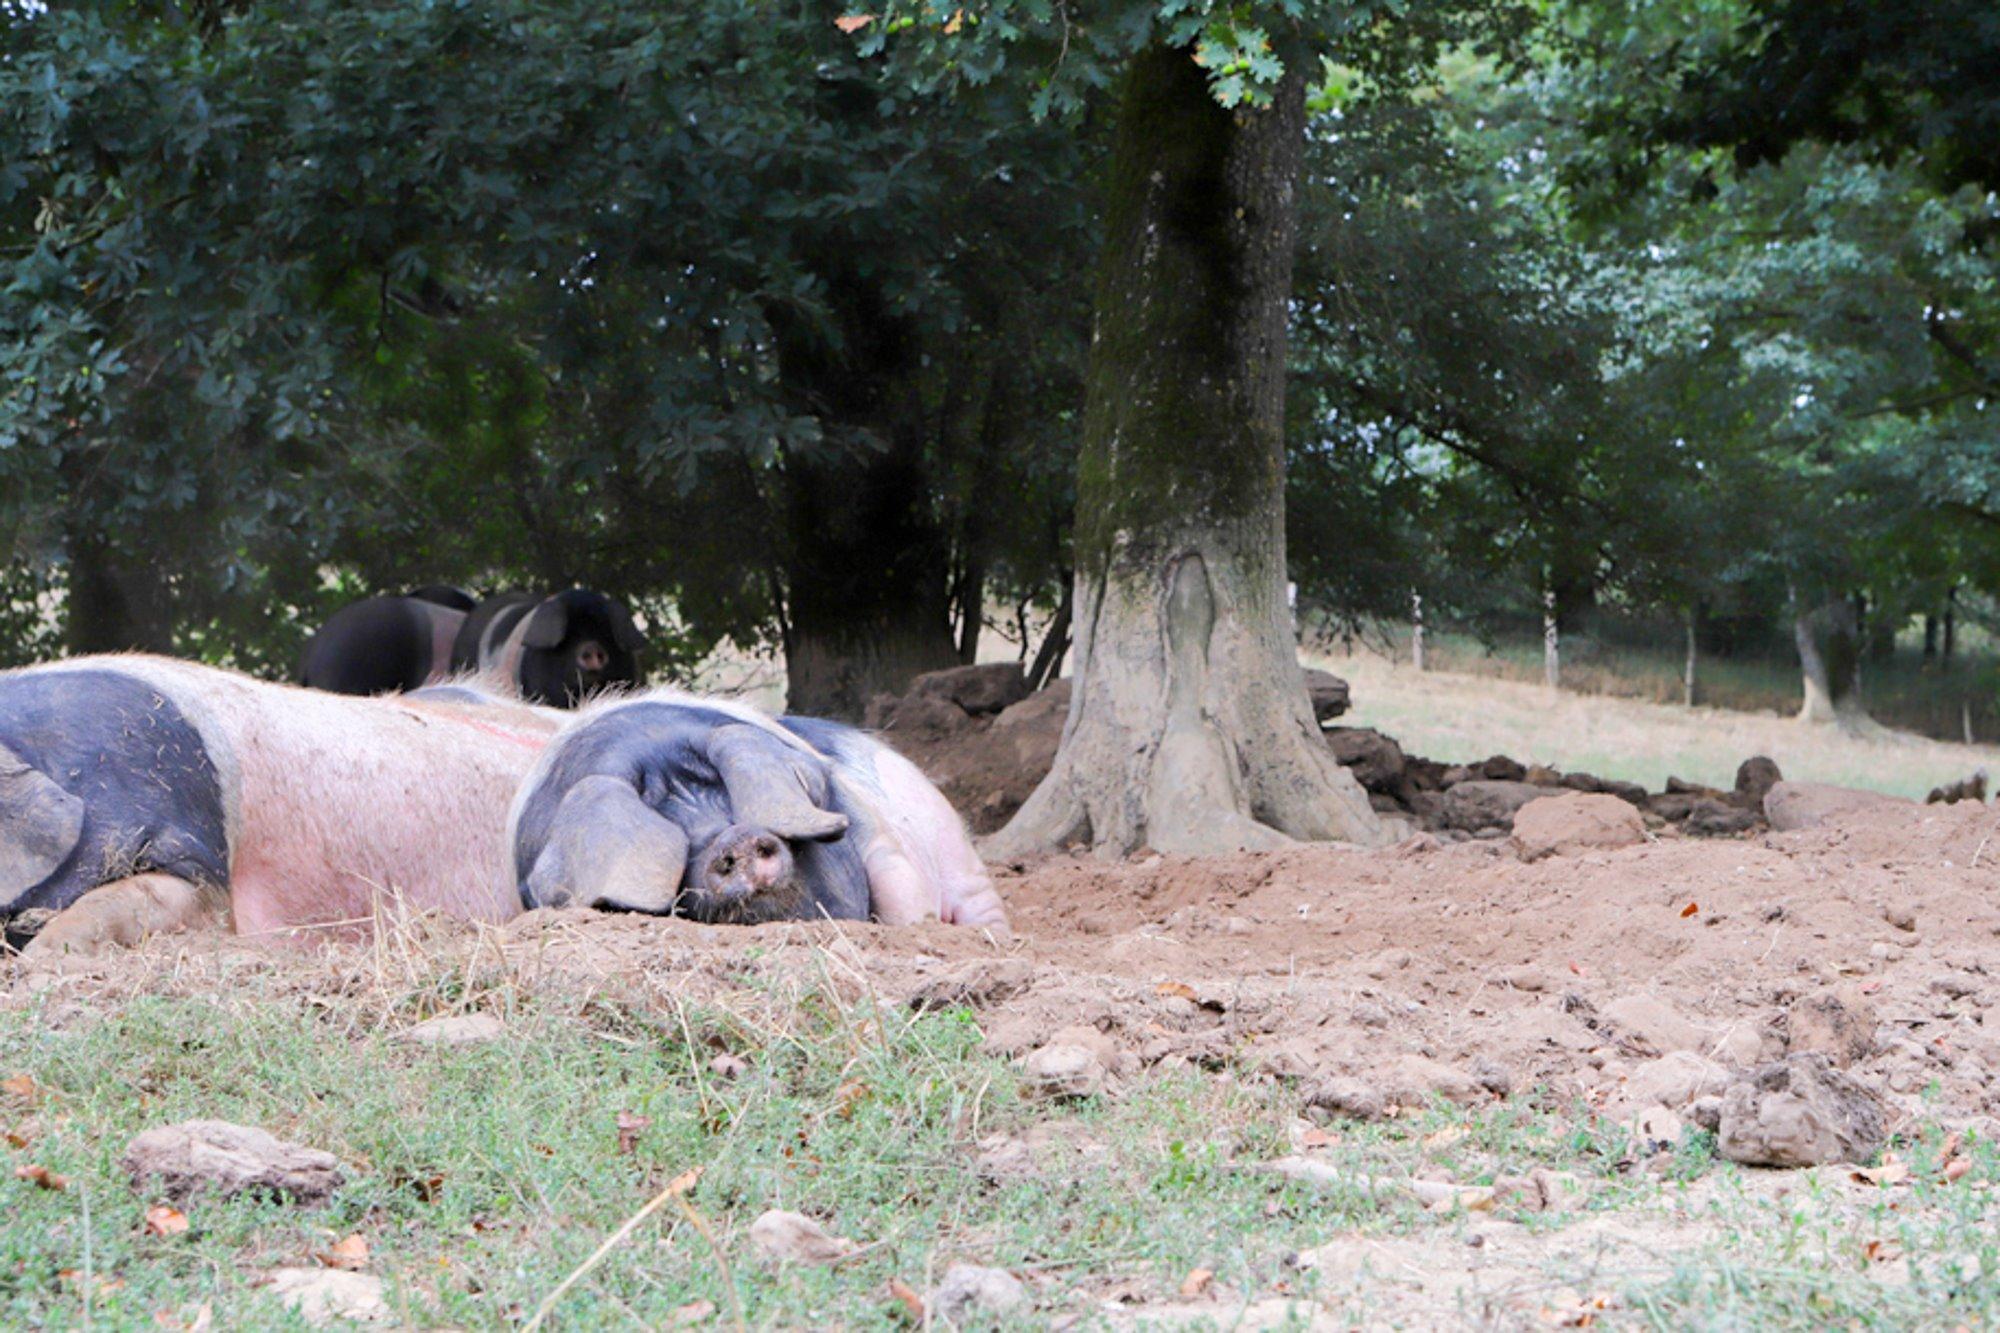 Los cerdos campan (y duermen) con total libertad en la explotación.